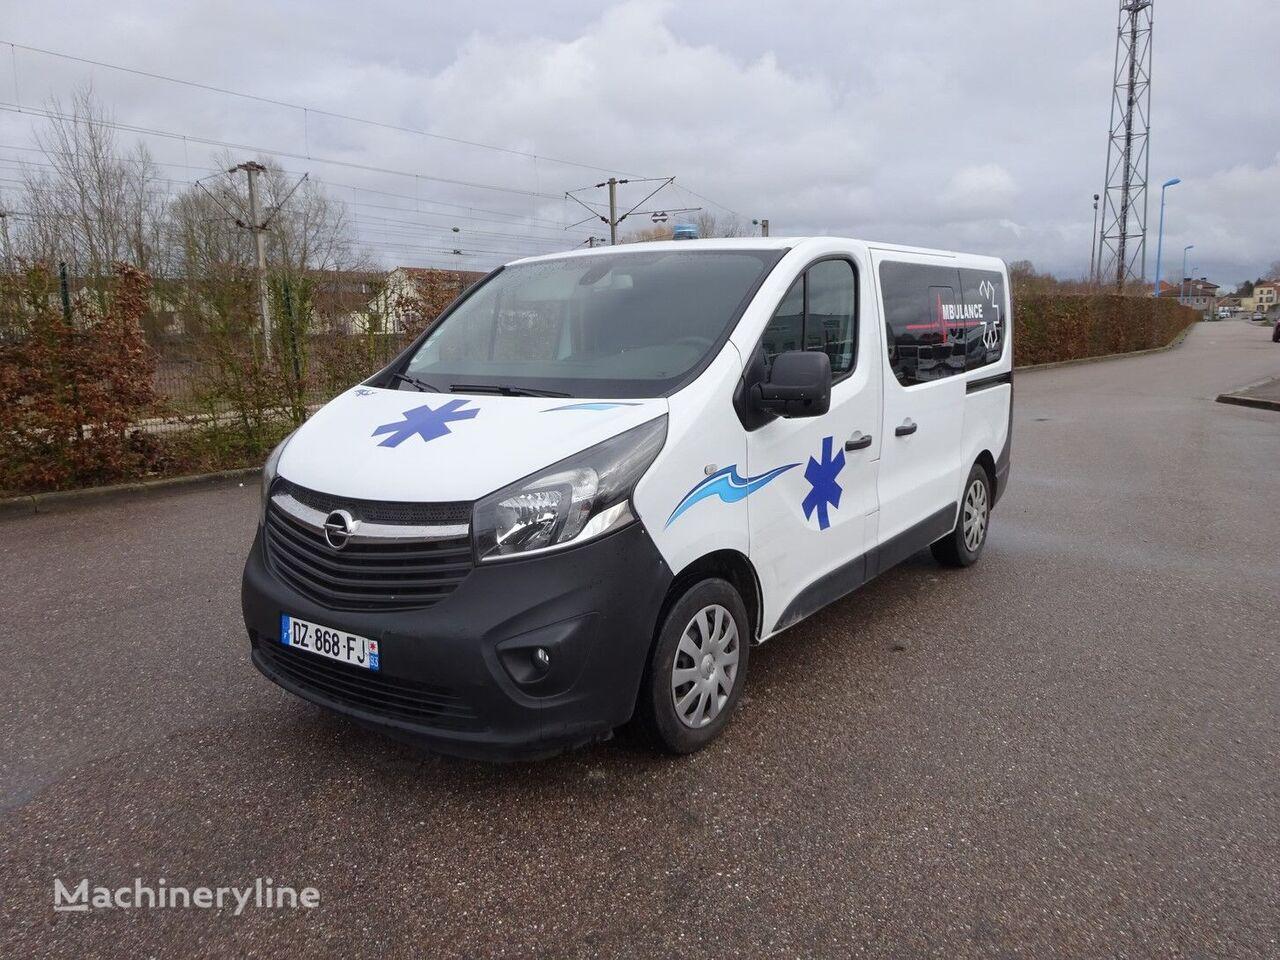 OPEL VIVARO 32 000 km 2016 vozilo hitne pomoći